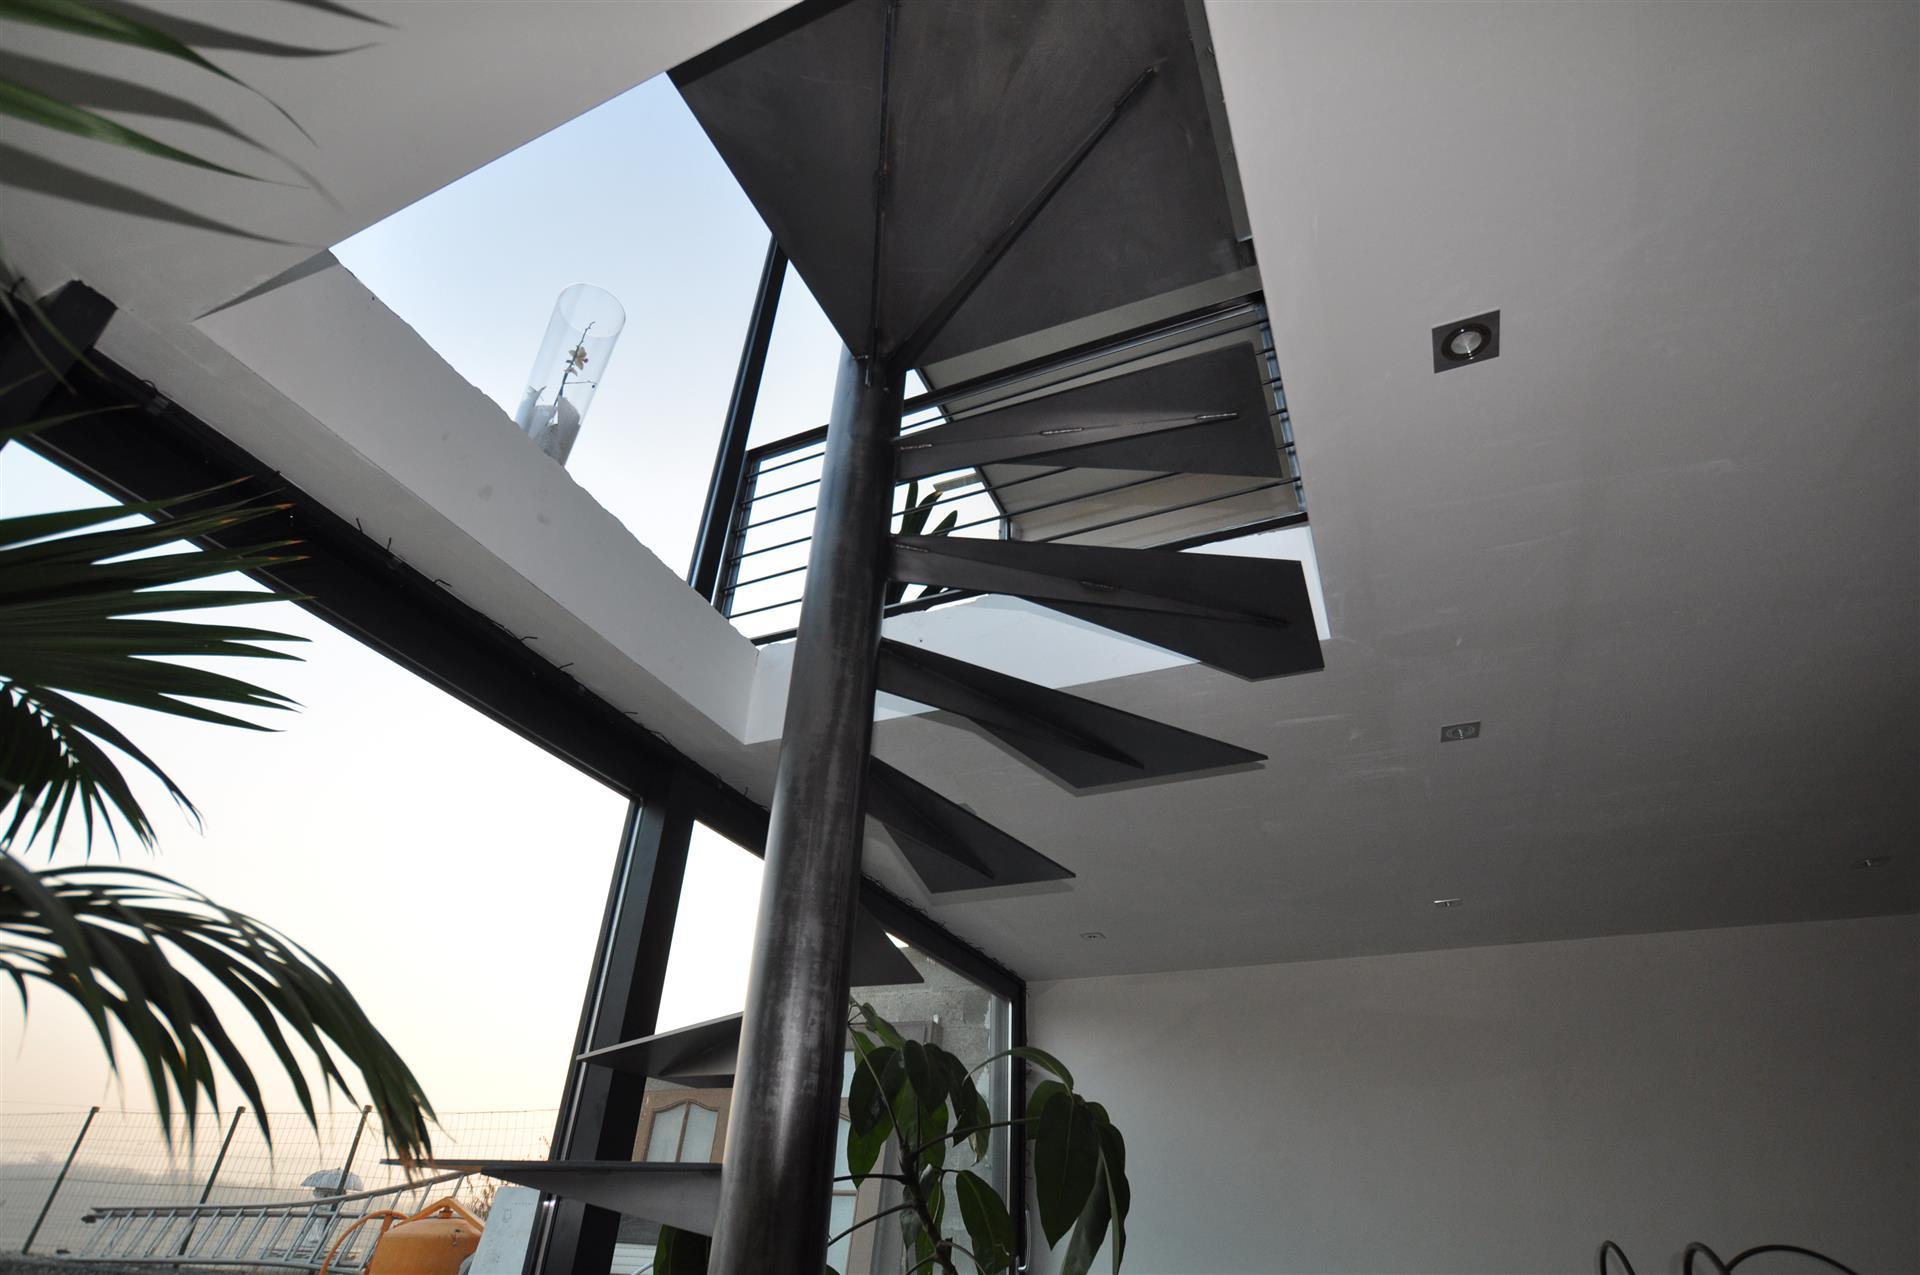 escalier autoportant helico 207 dal 28 images charmant norme escalier code du travail luxe. Black Bedroom Furniture Sets. Home Design Ideas